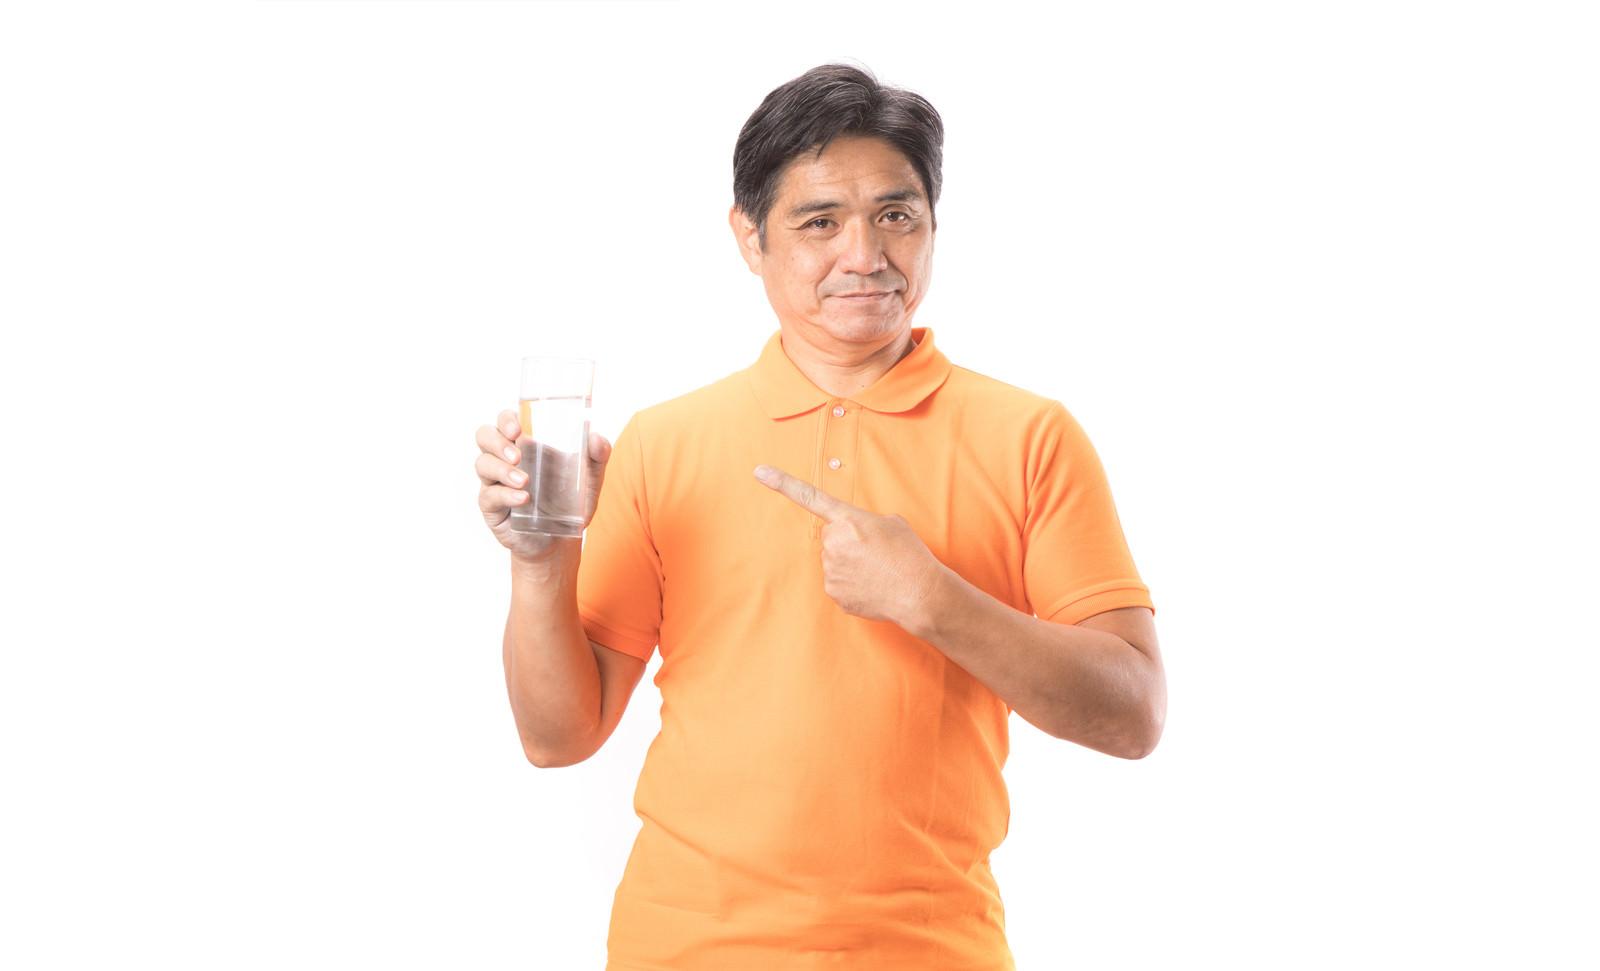 「効率的な水分補給をしましょう効率的な水分補給をしましょう」[モデル:よたか]のフリー写真素材を拡大